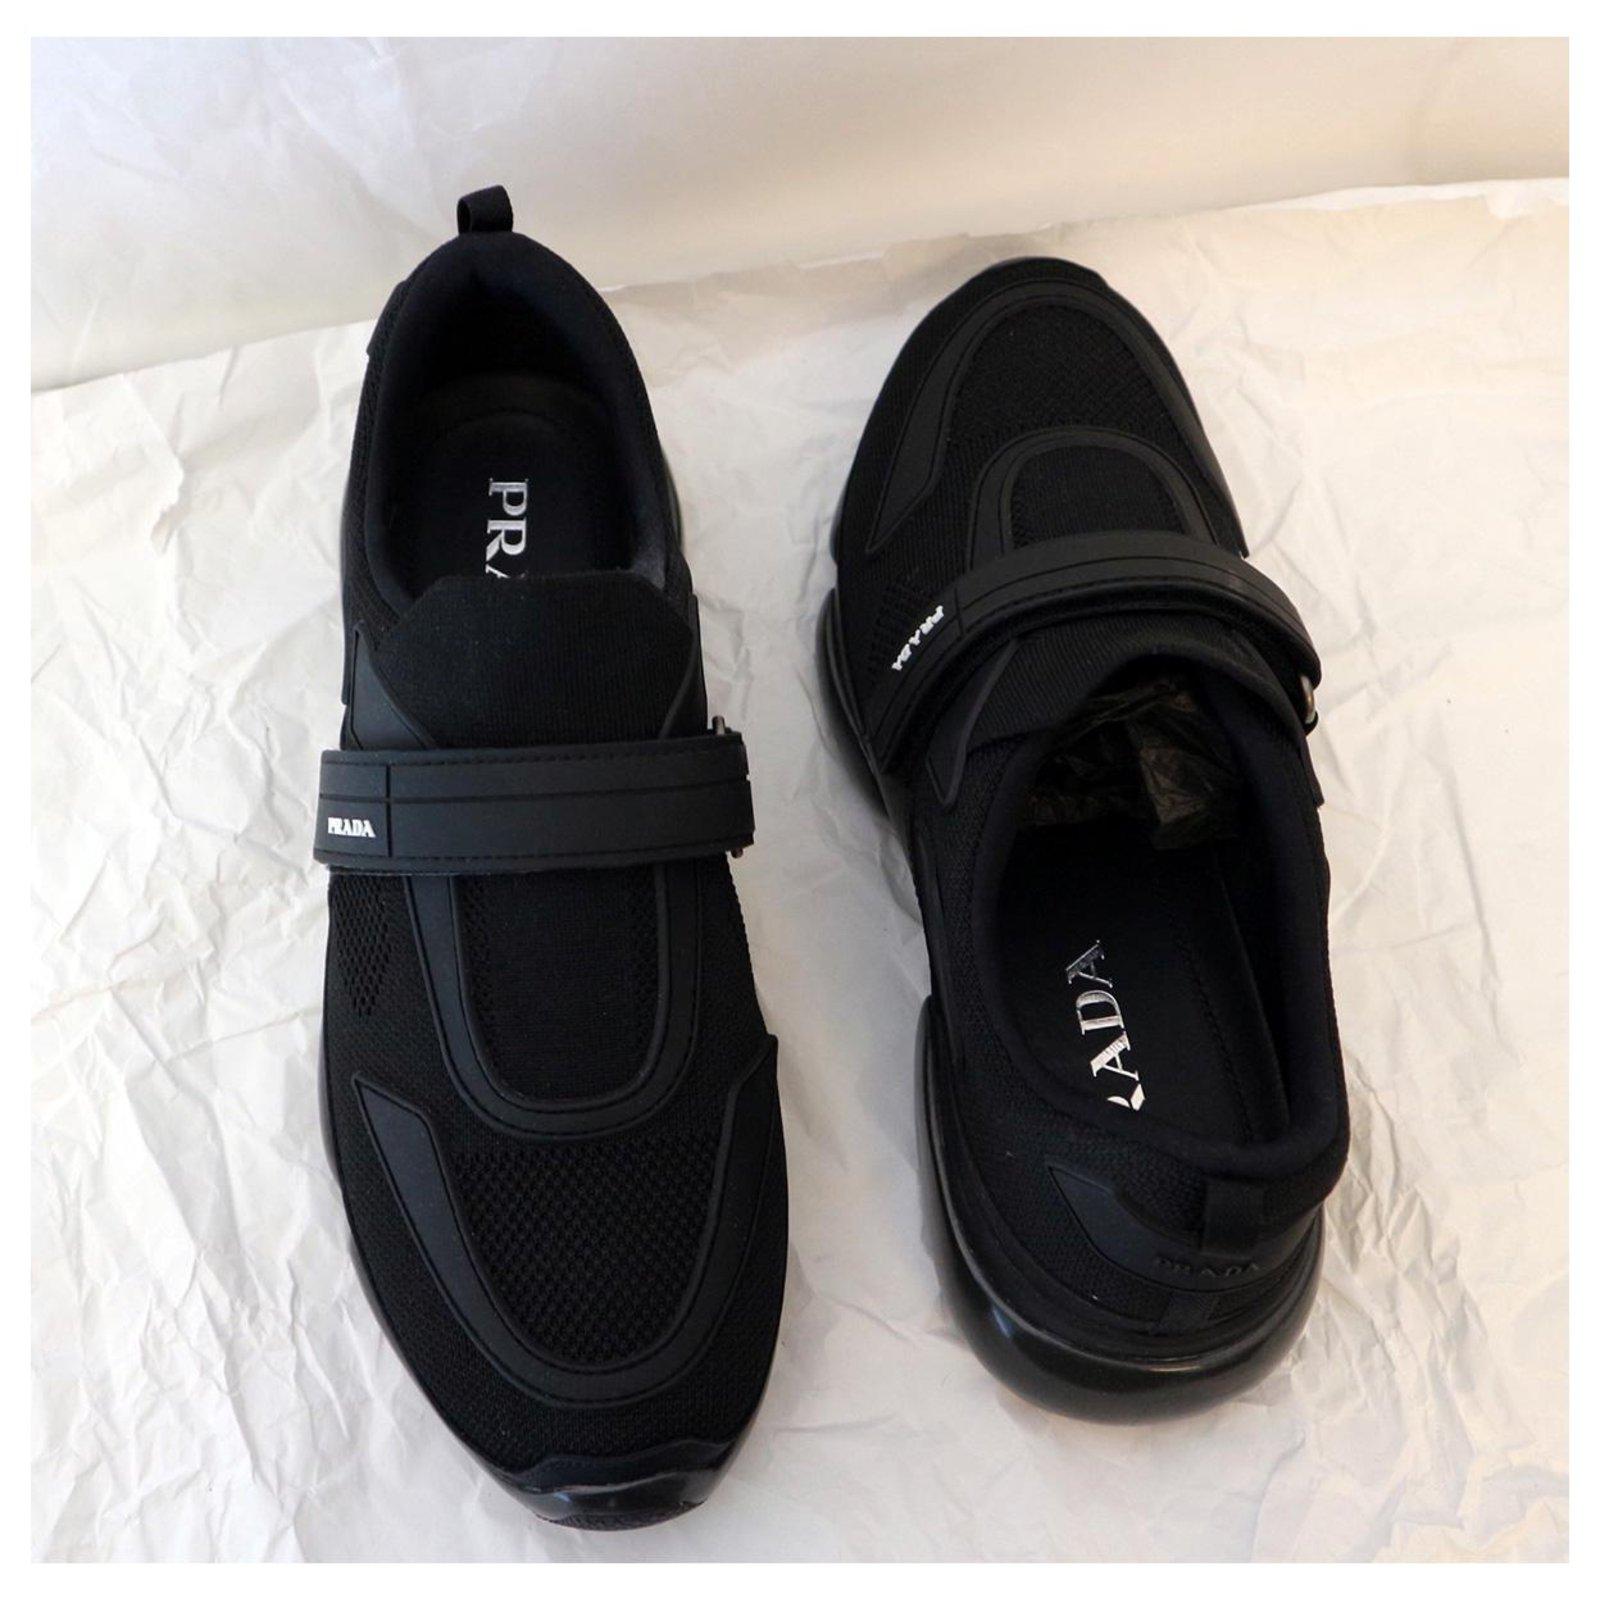 Prada Cloudbust sneakers Sneakers Other